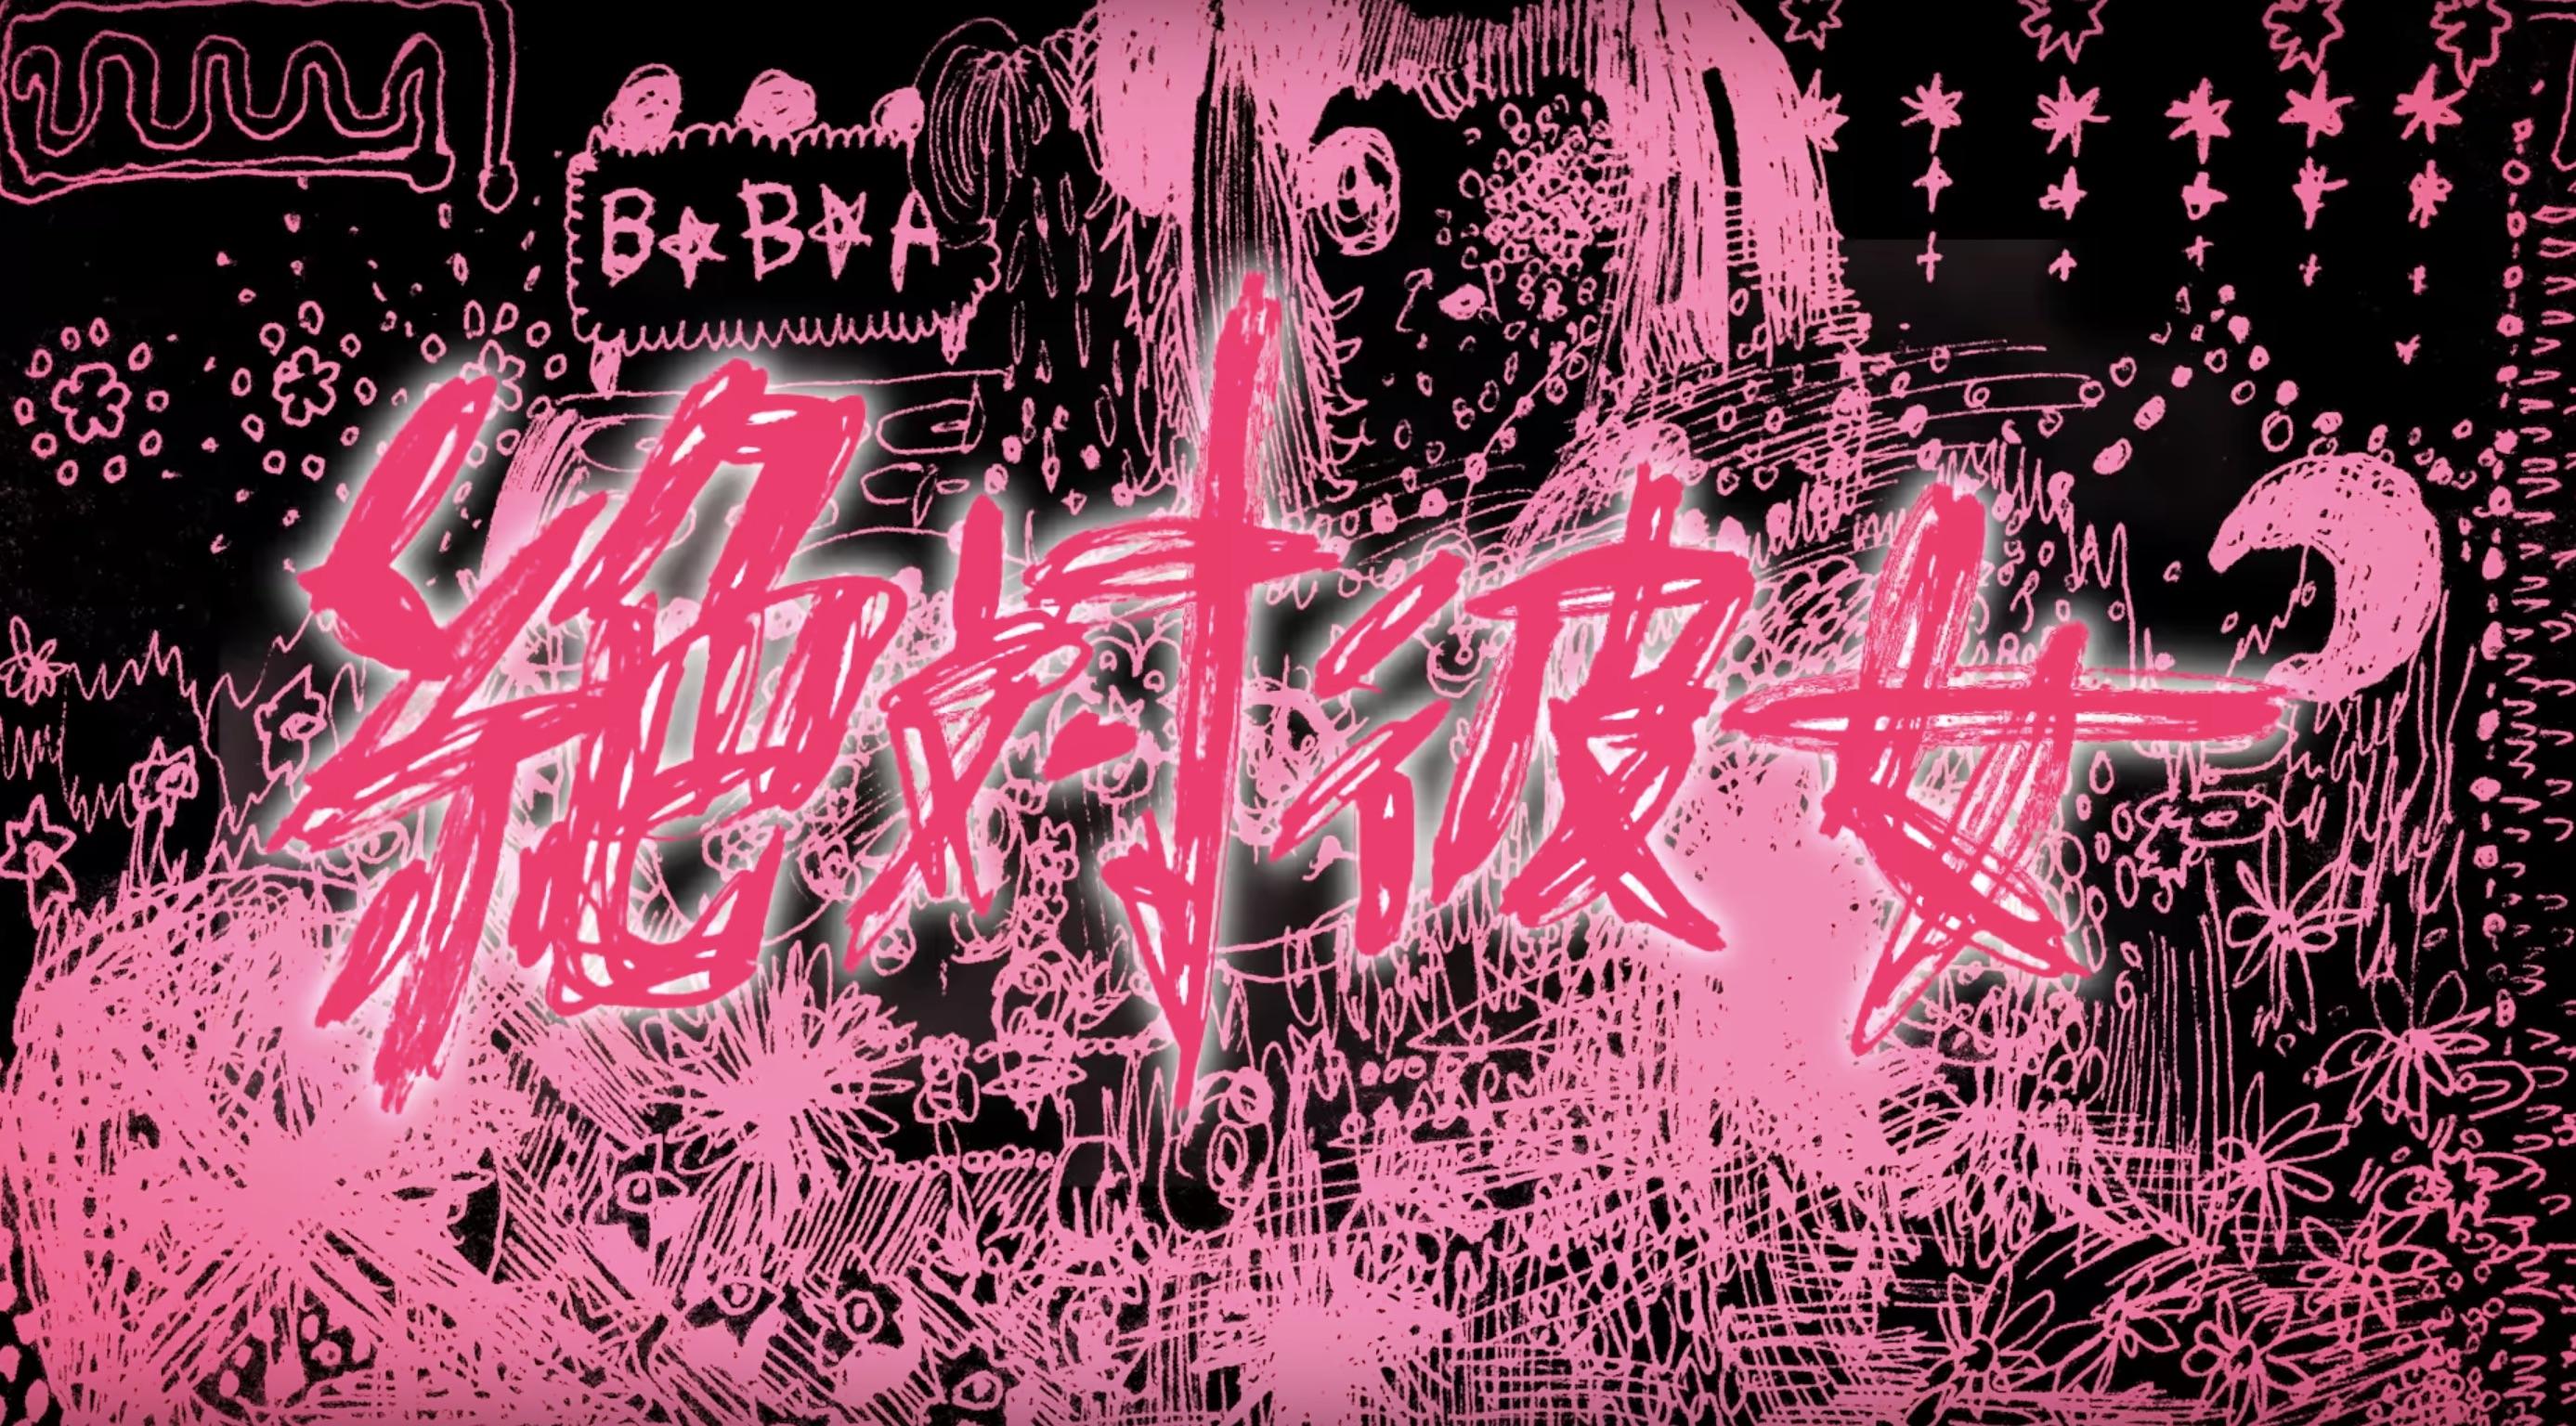 大森靖子「絶対彼女」歌詞の解釈や意味は?ファンの声も紹介!